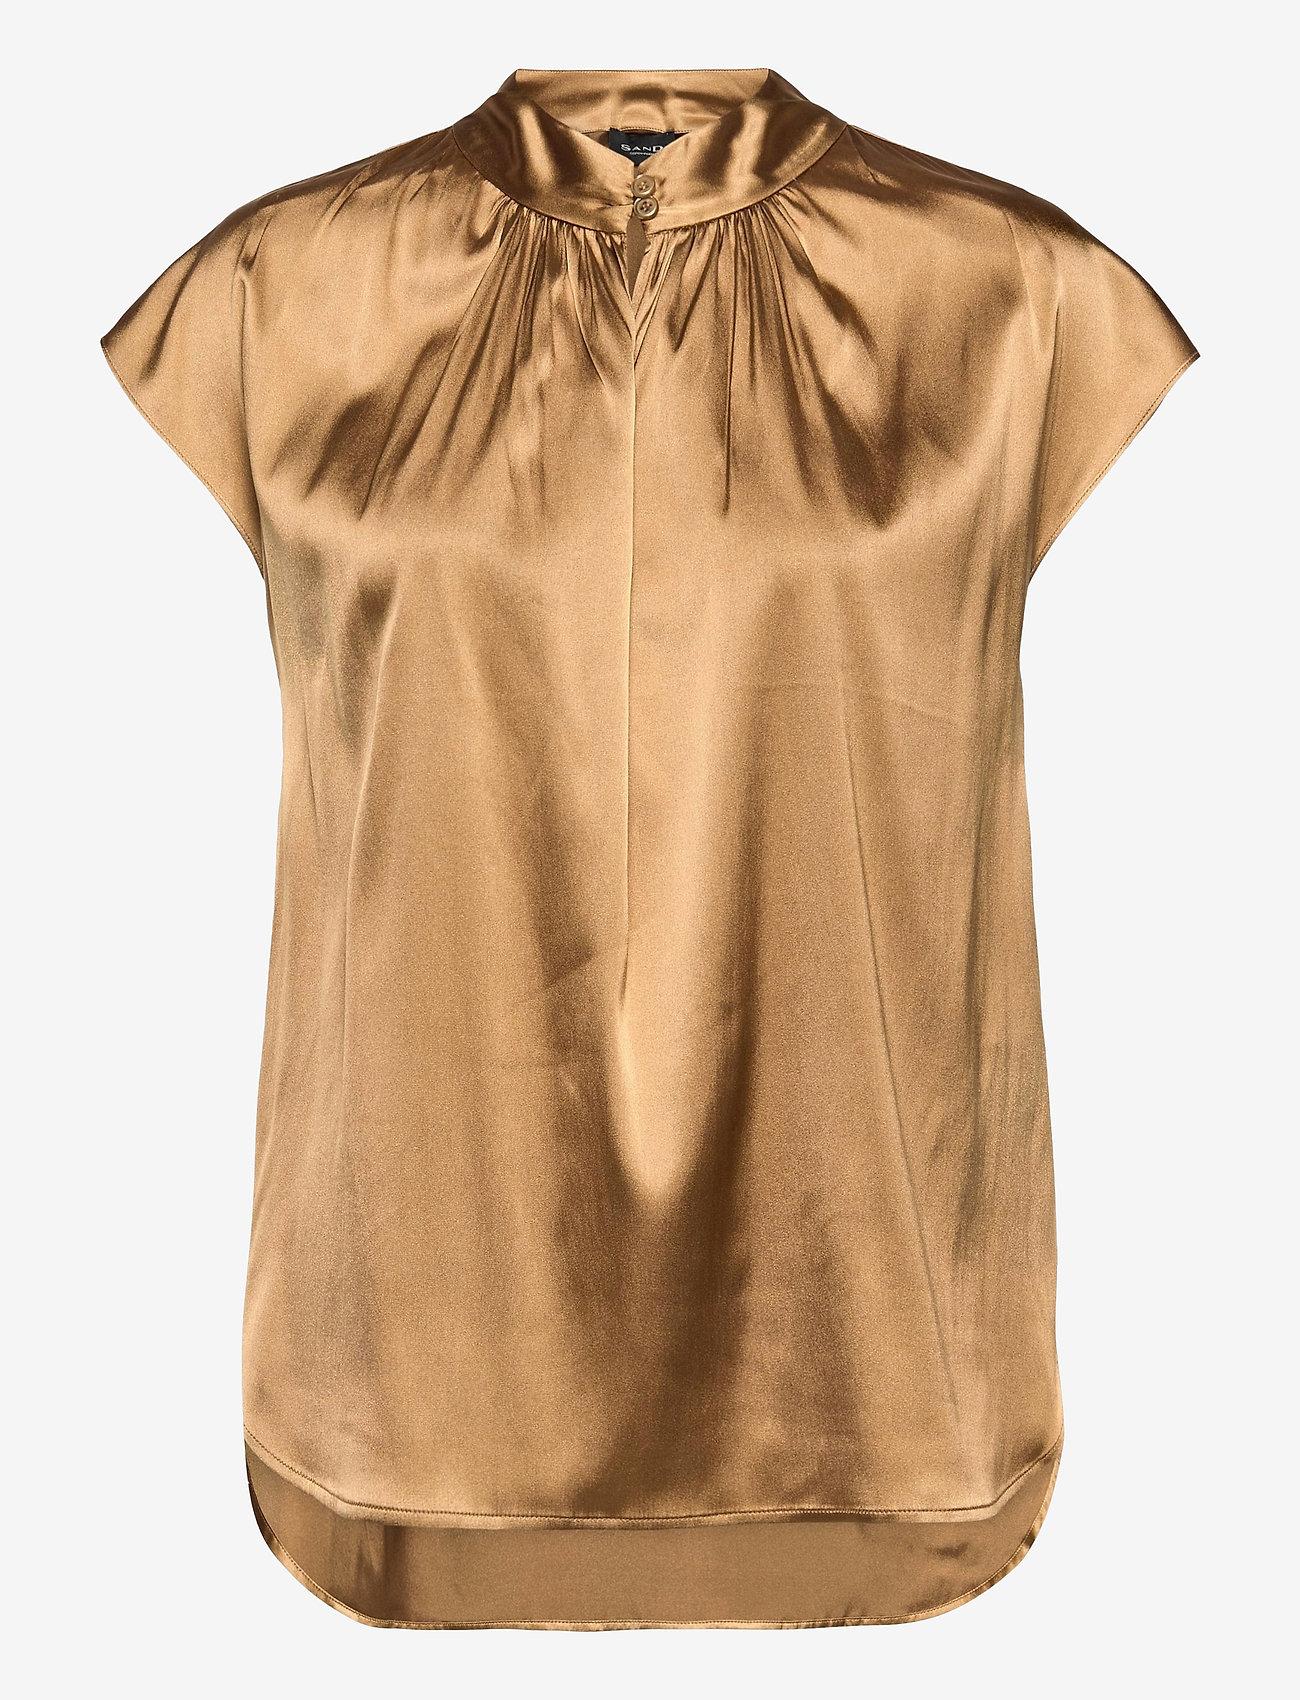 SAND - 3176 - Prosi Top S - blouses met korte mouwen - light camel - 0